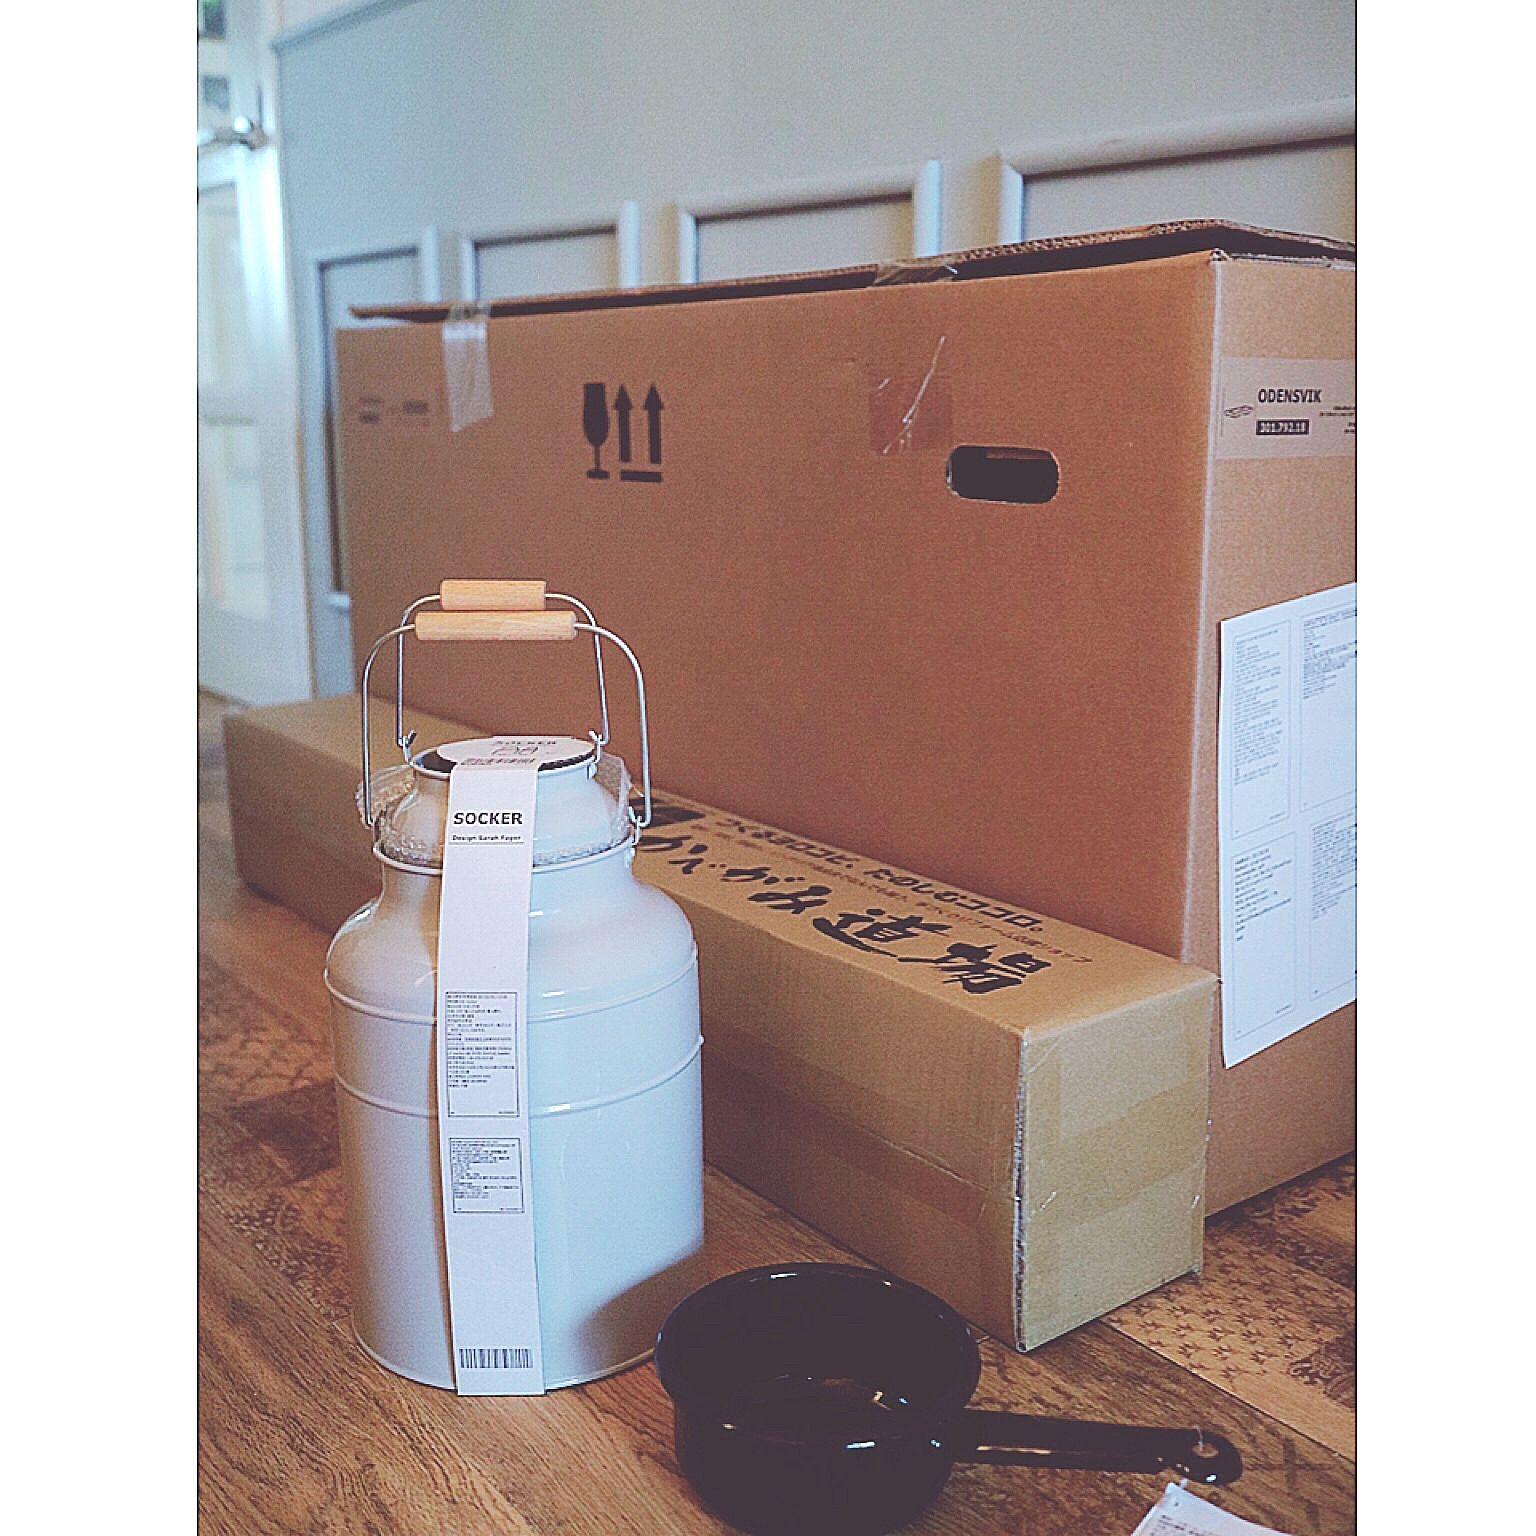 【日替わり投稿企画☆月曜】買い物大好き☆買い物記録始めましょう♪